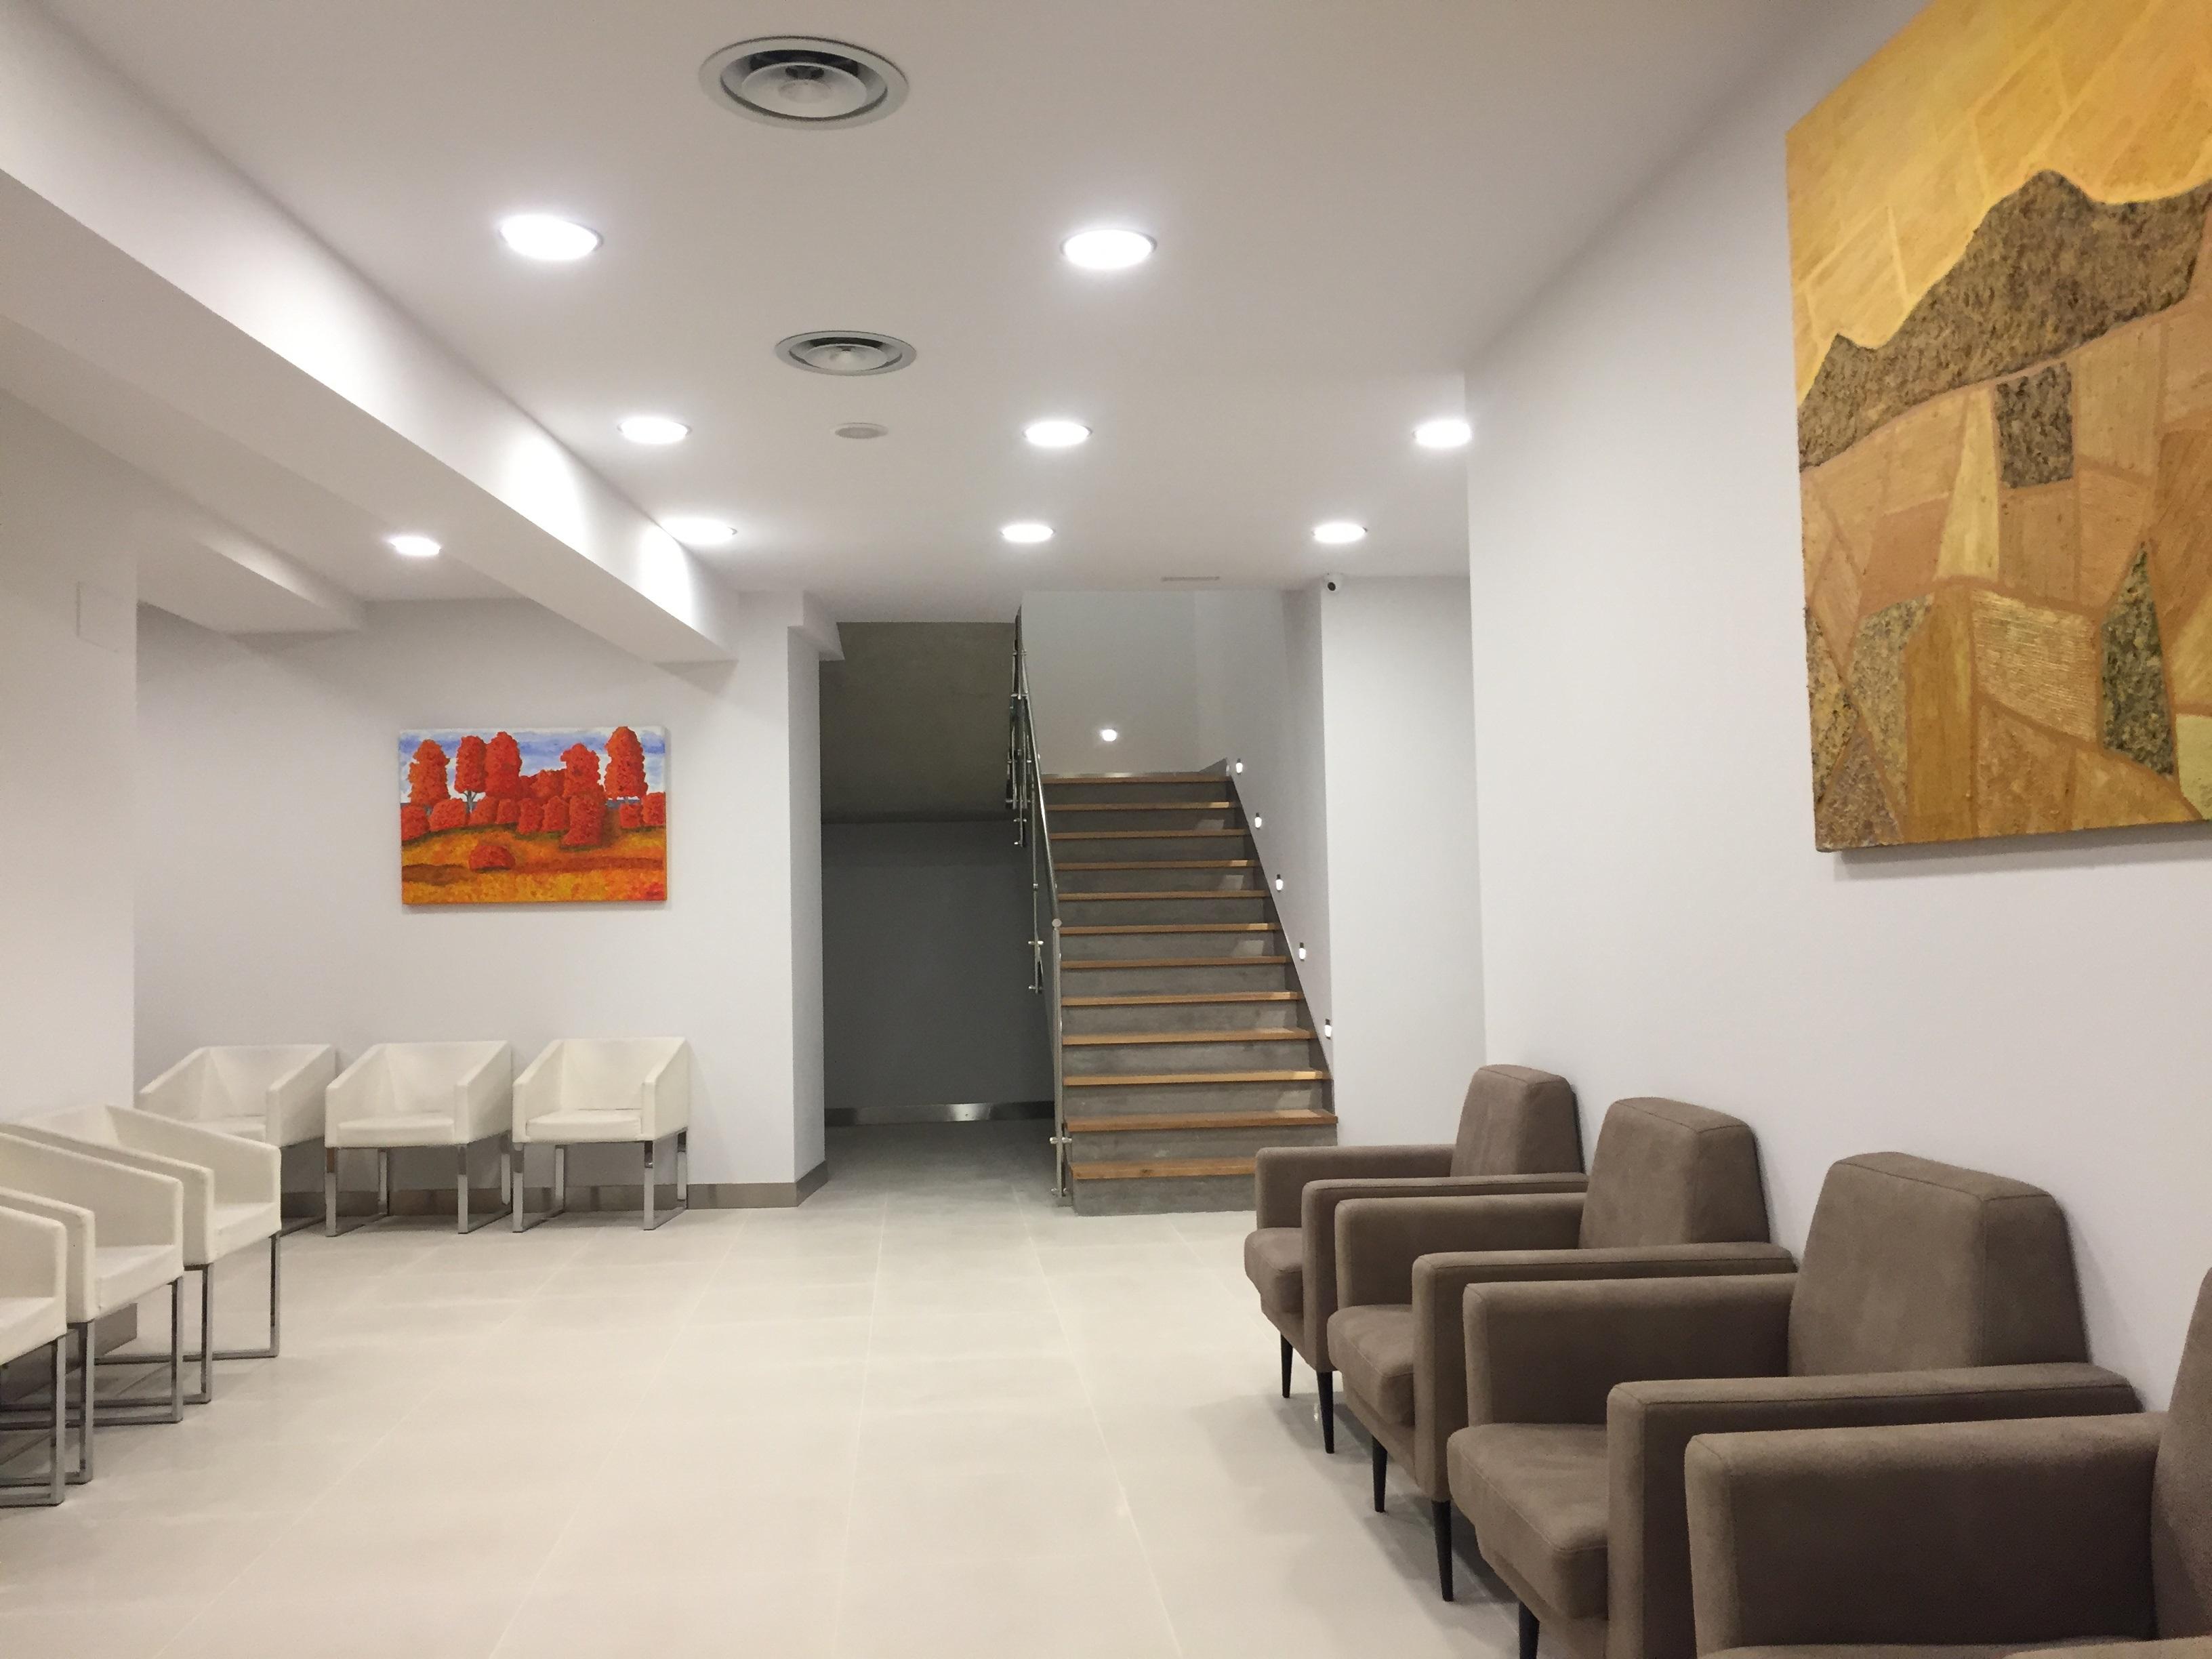 Sala de espera 2-2